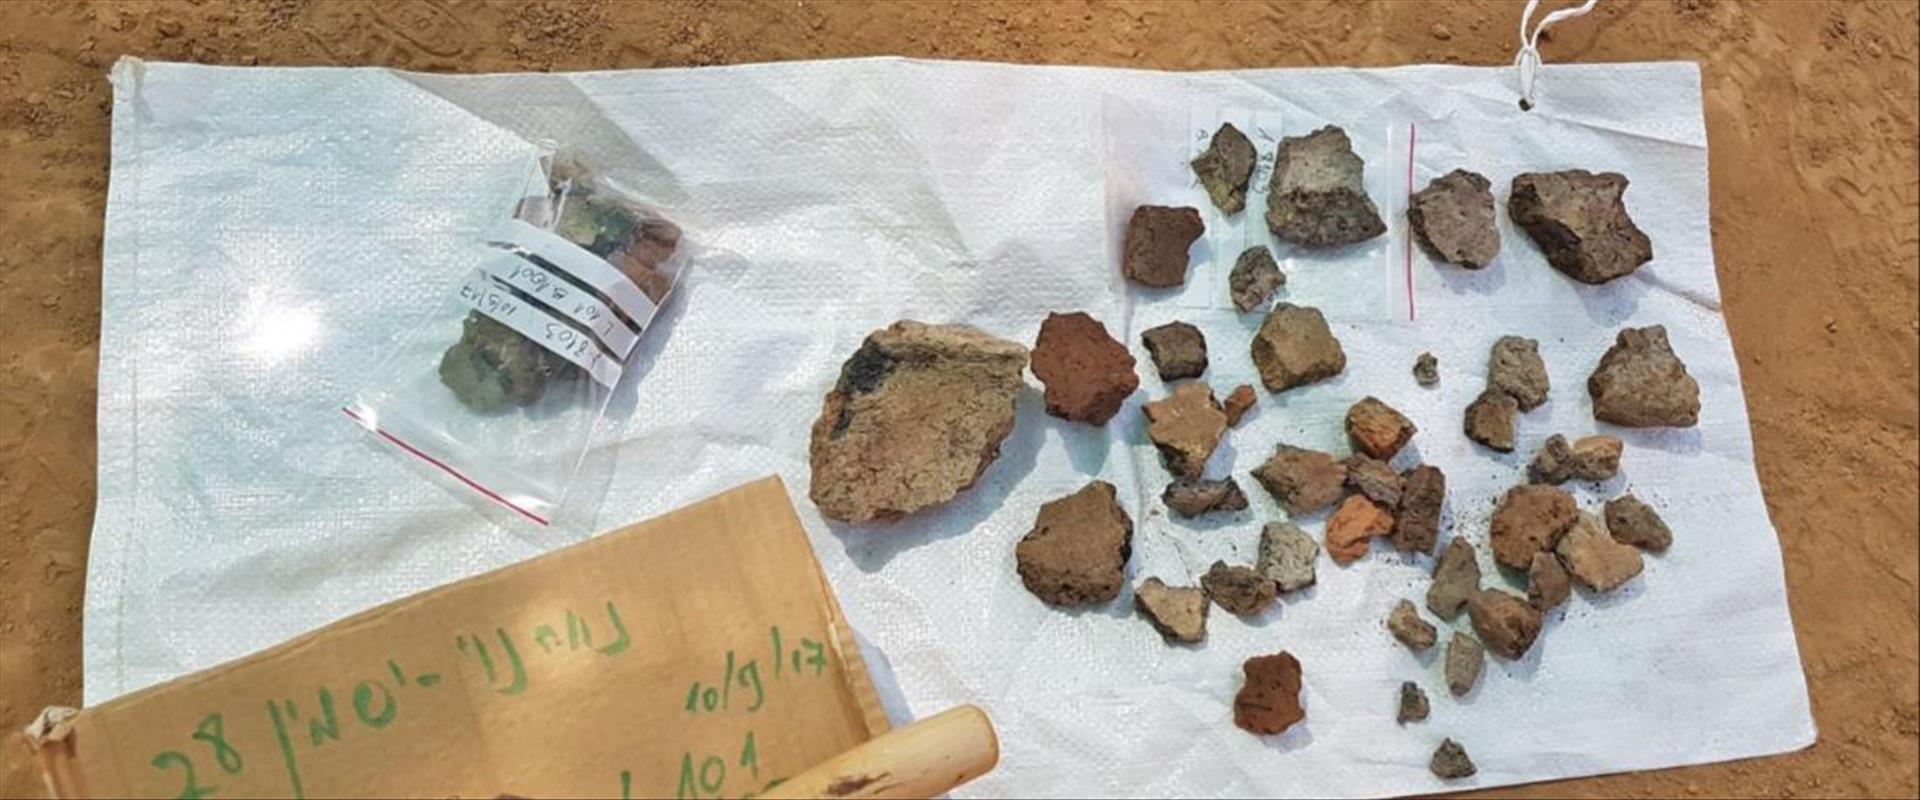 ממצאי הסדנה בת ה-6,500 שנה לייצור נחושת